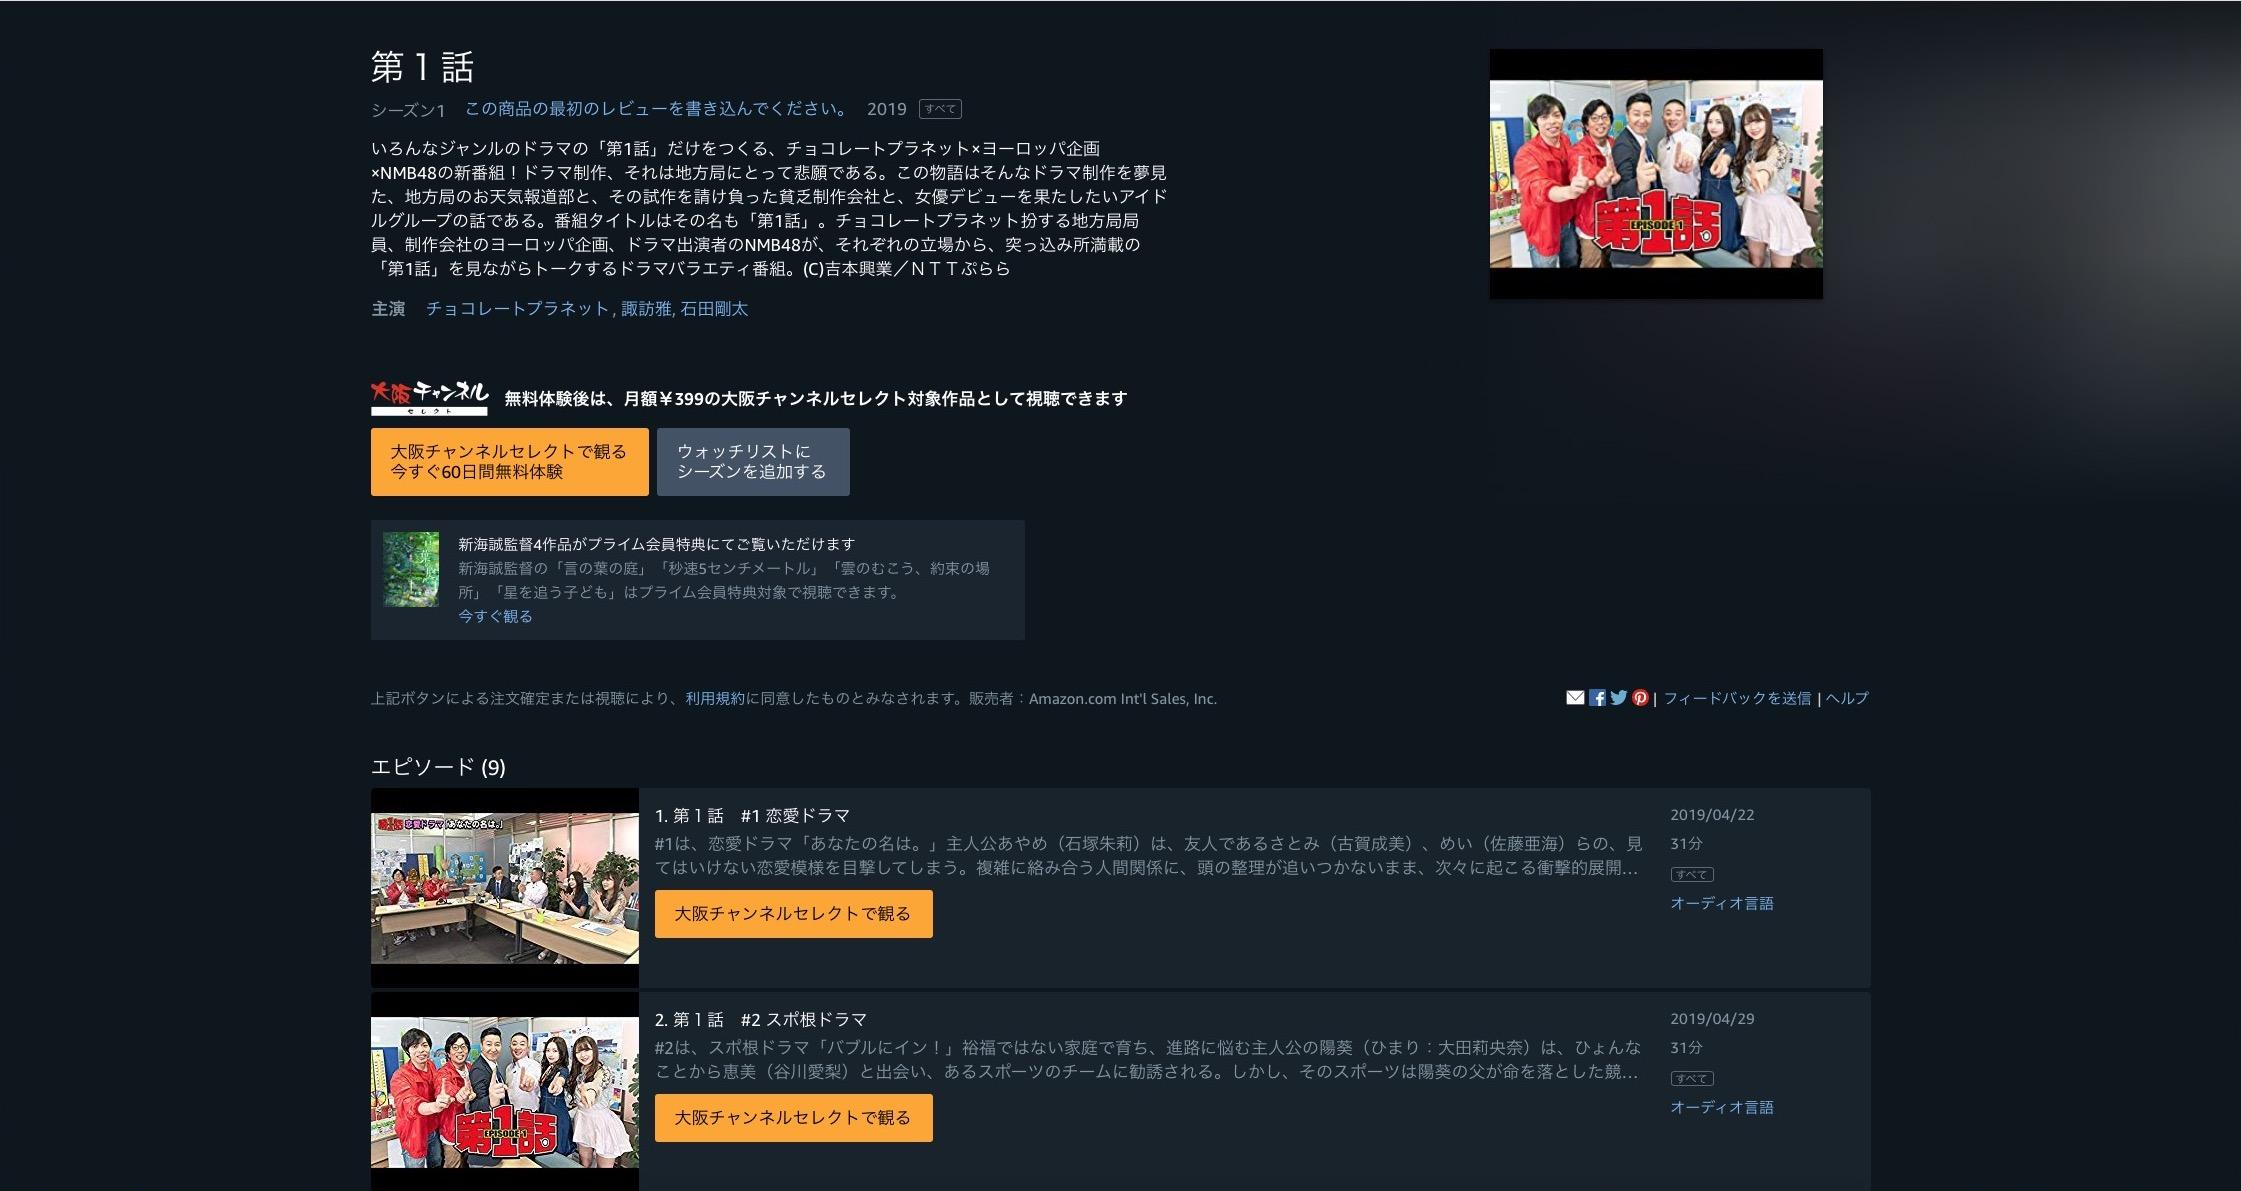 【NMB48】ABCテレビ「第1話」がアマゾンプライム・大阪チャンネルセレクトで配信開始